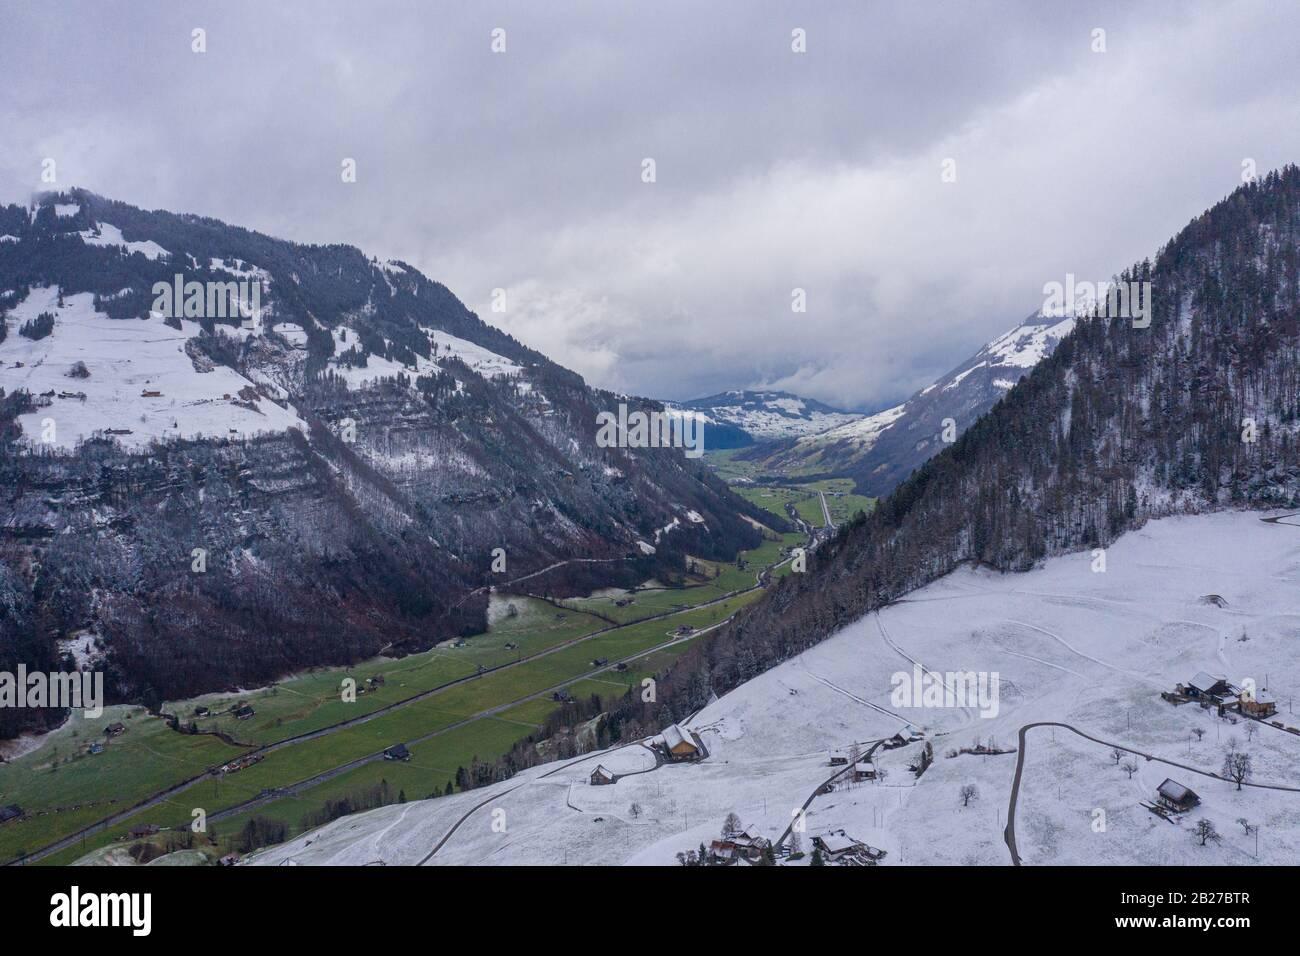 Fantástico paisaje nevado en las montañas: Material de vuelo aéreo Foto de stock